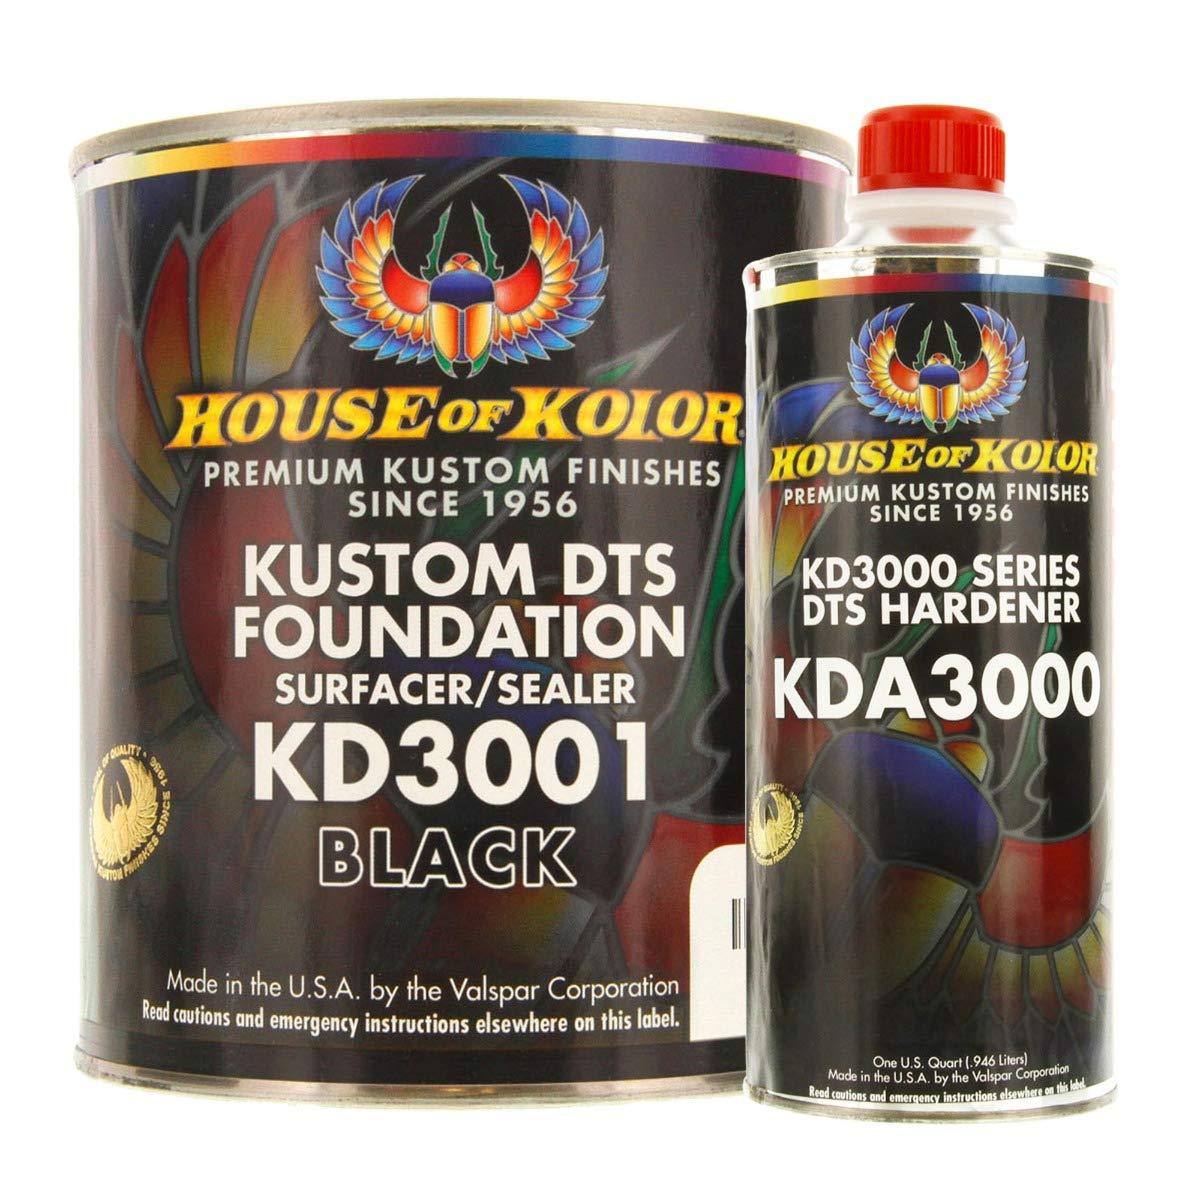 Kustom DTS Foundation Black Surfacer Sealer Kit w/Hardener (Gallon) by House of Kolor